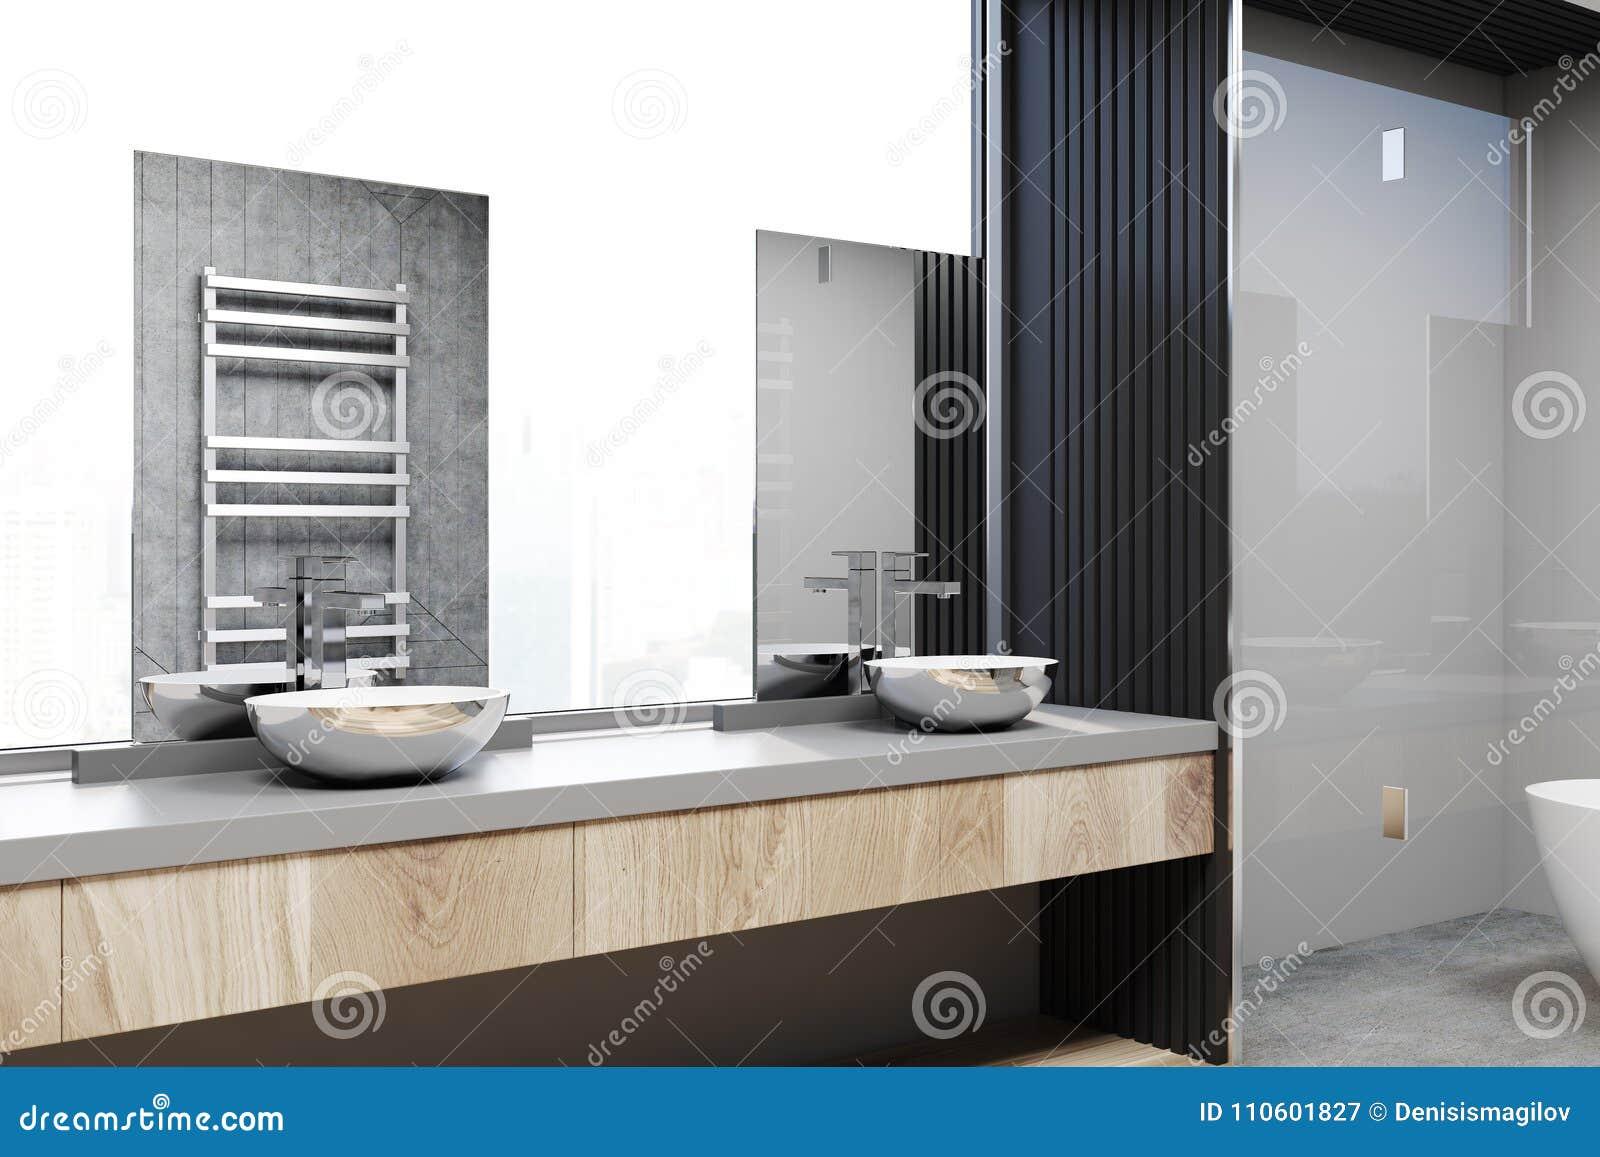 Angolo bianco e grigio del bagno doppio lavandino illustrazione